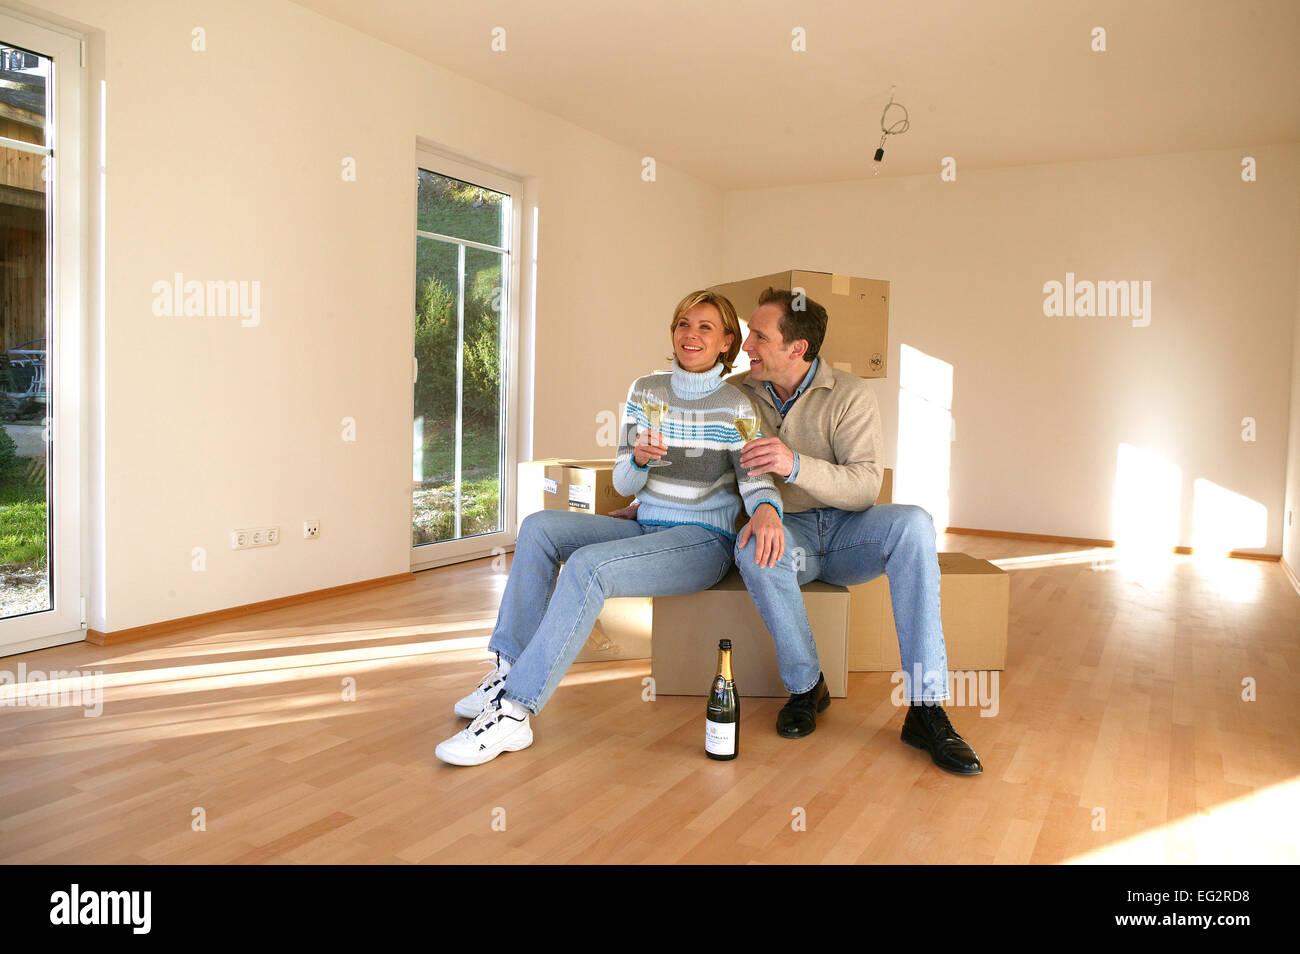 wohnung paar wohnraum renovierung haus neubau bausparen. Black Bedroom Furniture Sets. Home Design Ideas